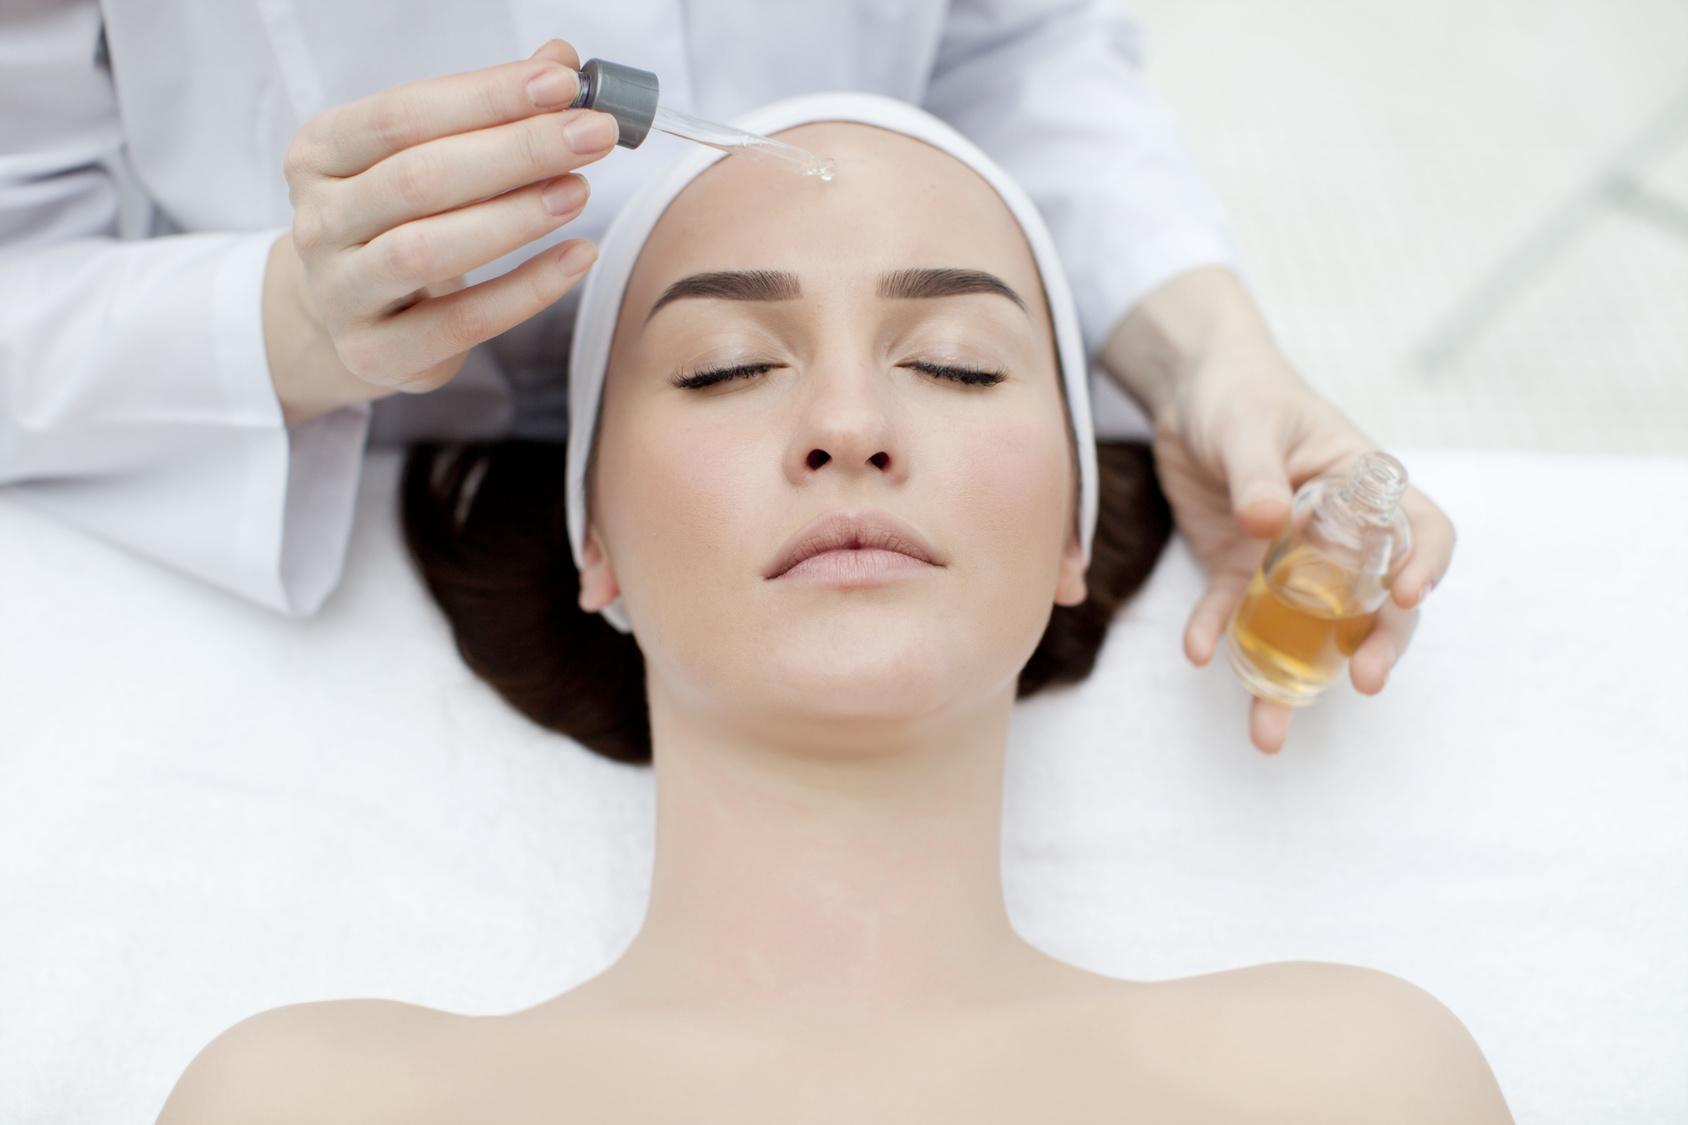 טיפול הידרדרמי - לחות ומיצוק